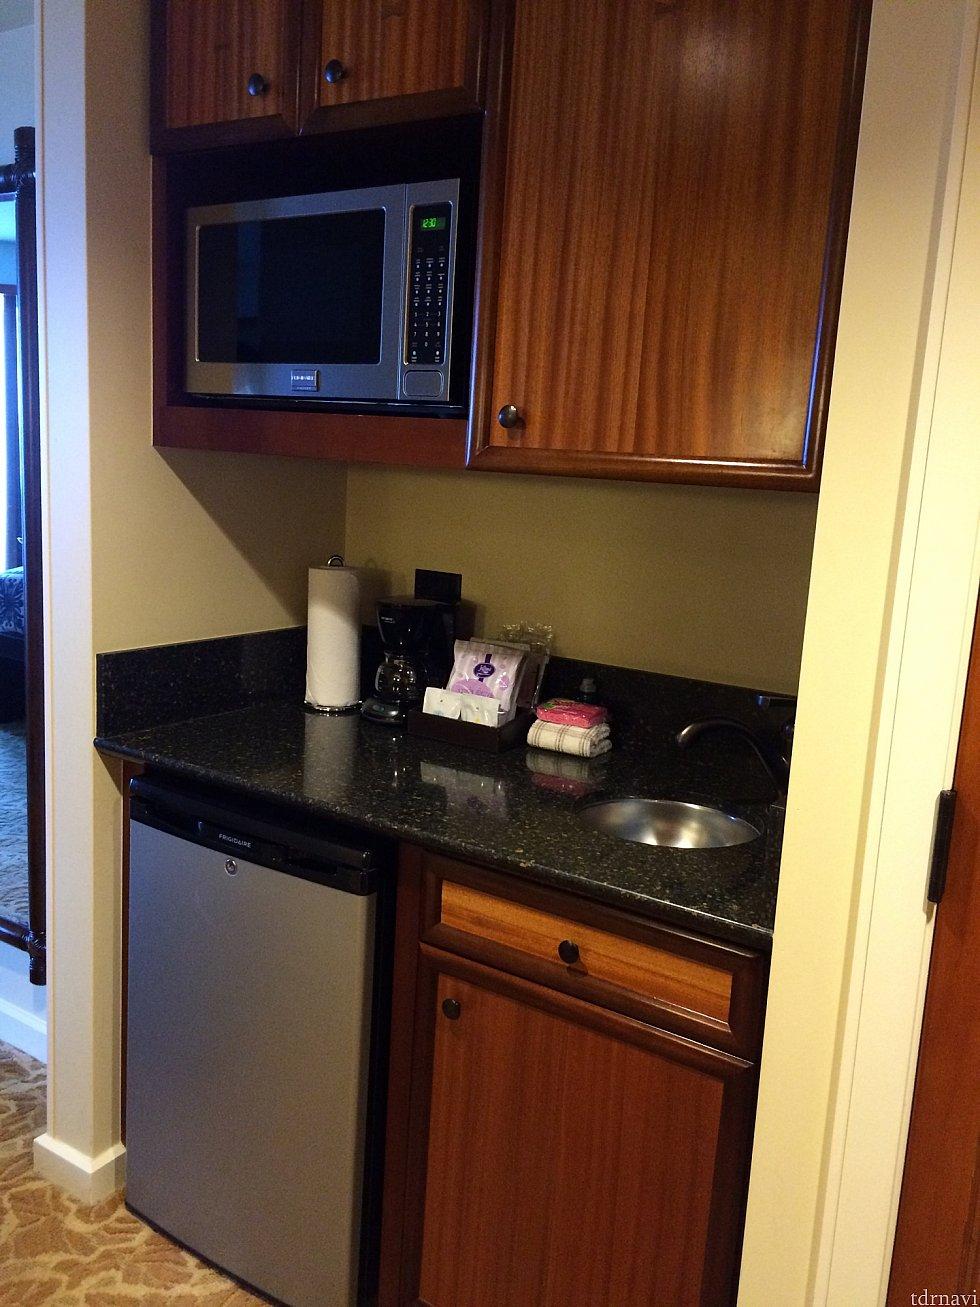 【キッチン】電子レンジ・冷蔵庫・流しの下にゴミ箱が収納されています